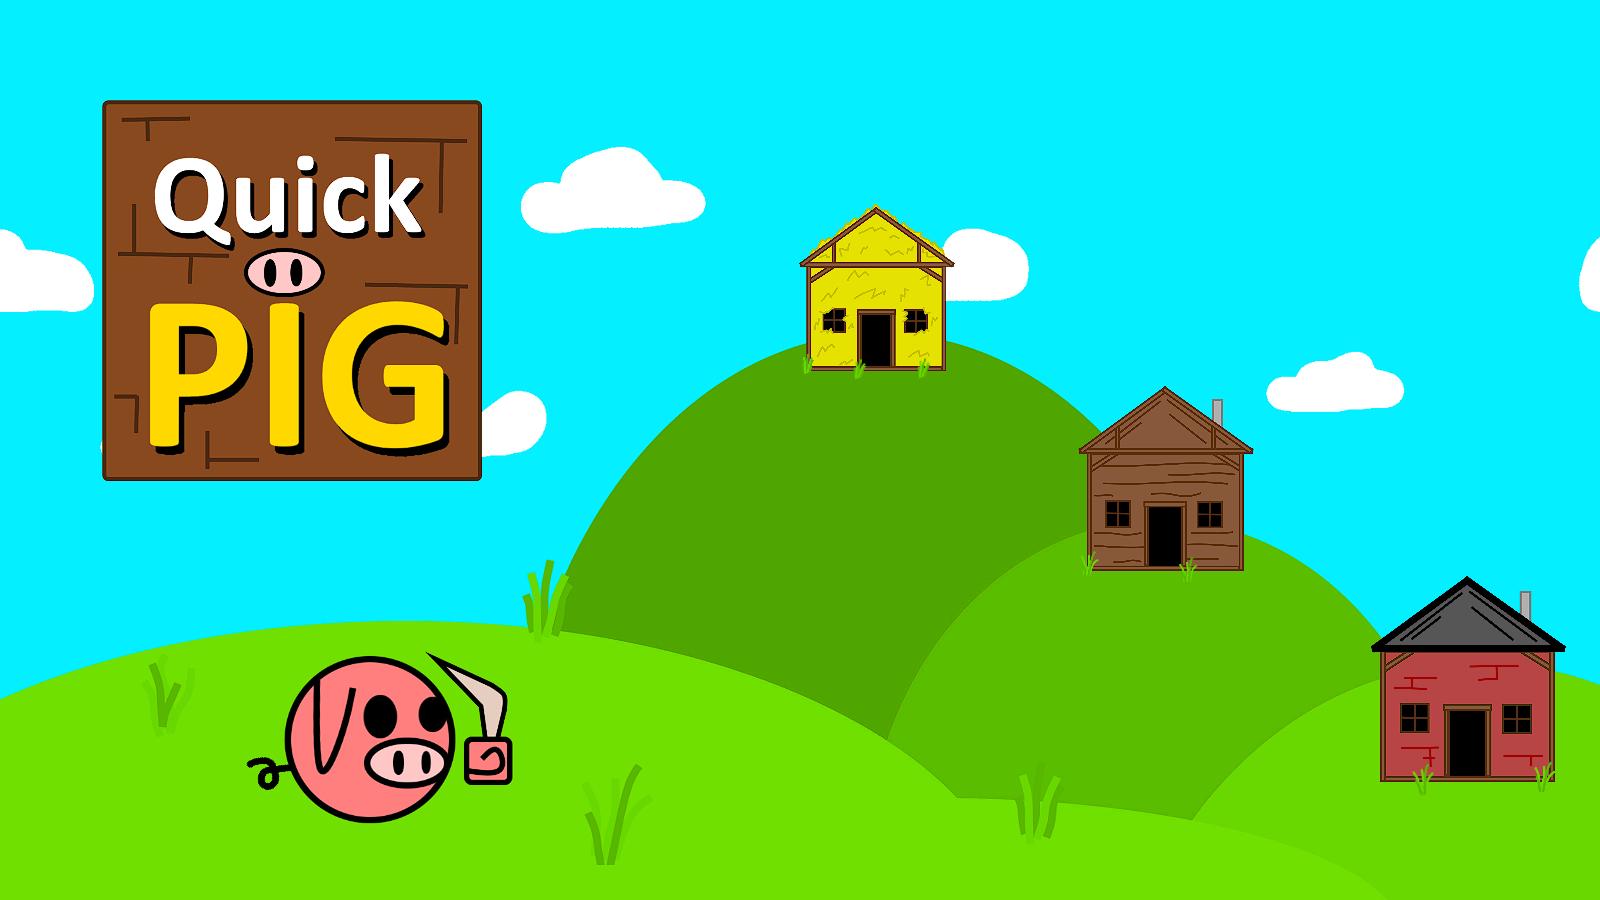 Quick Pig